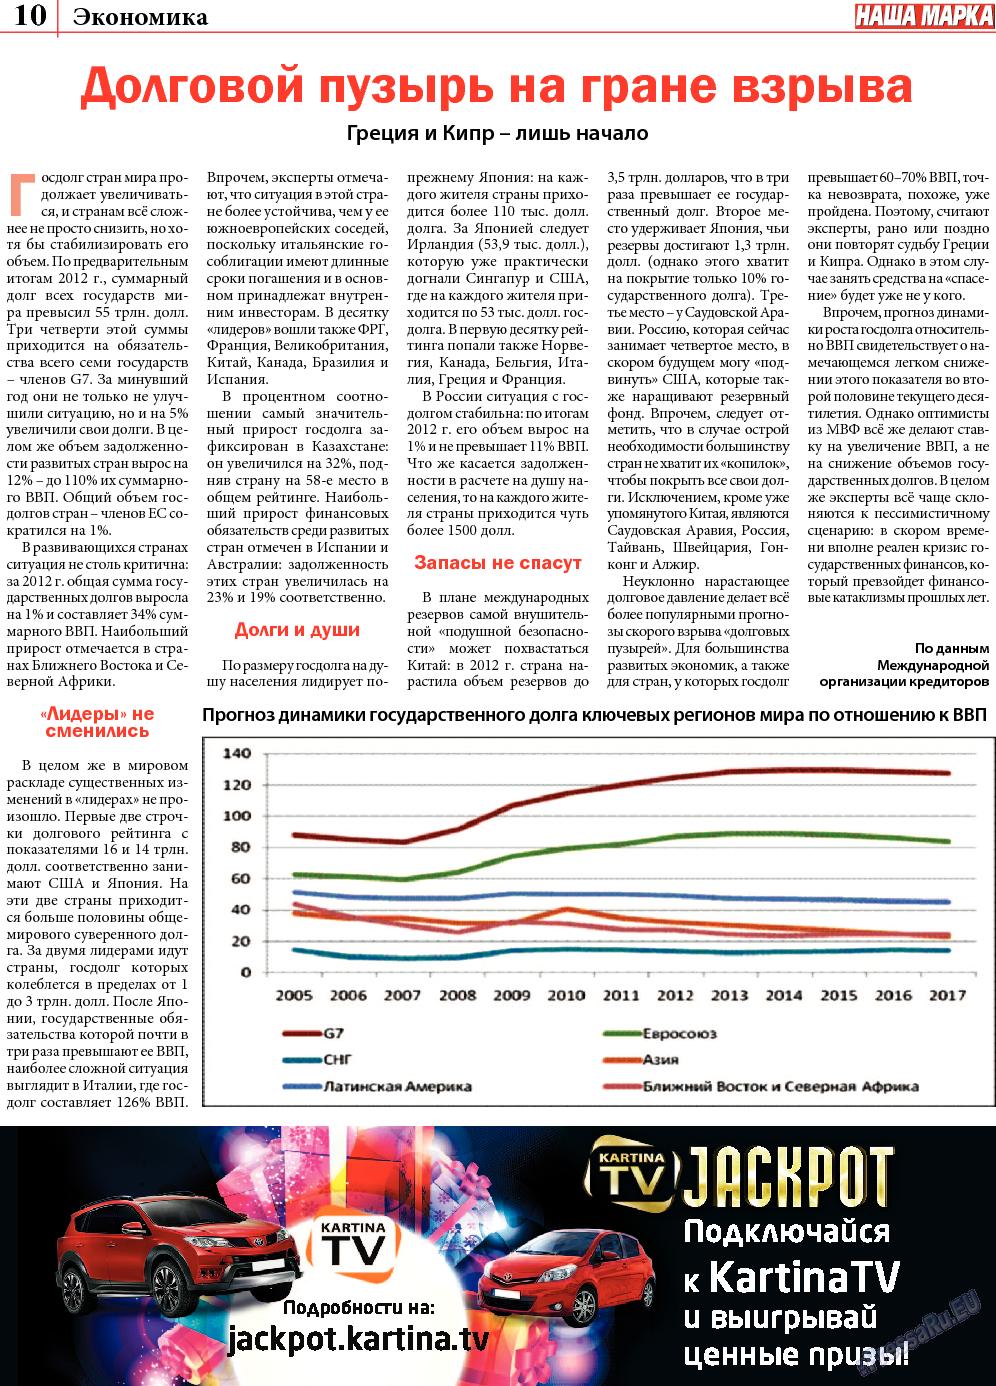 Наша марка (газета). 2013 год, номер 9, стр. 10